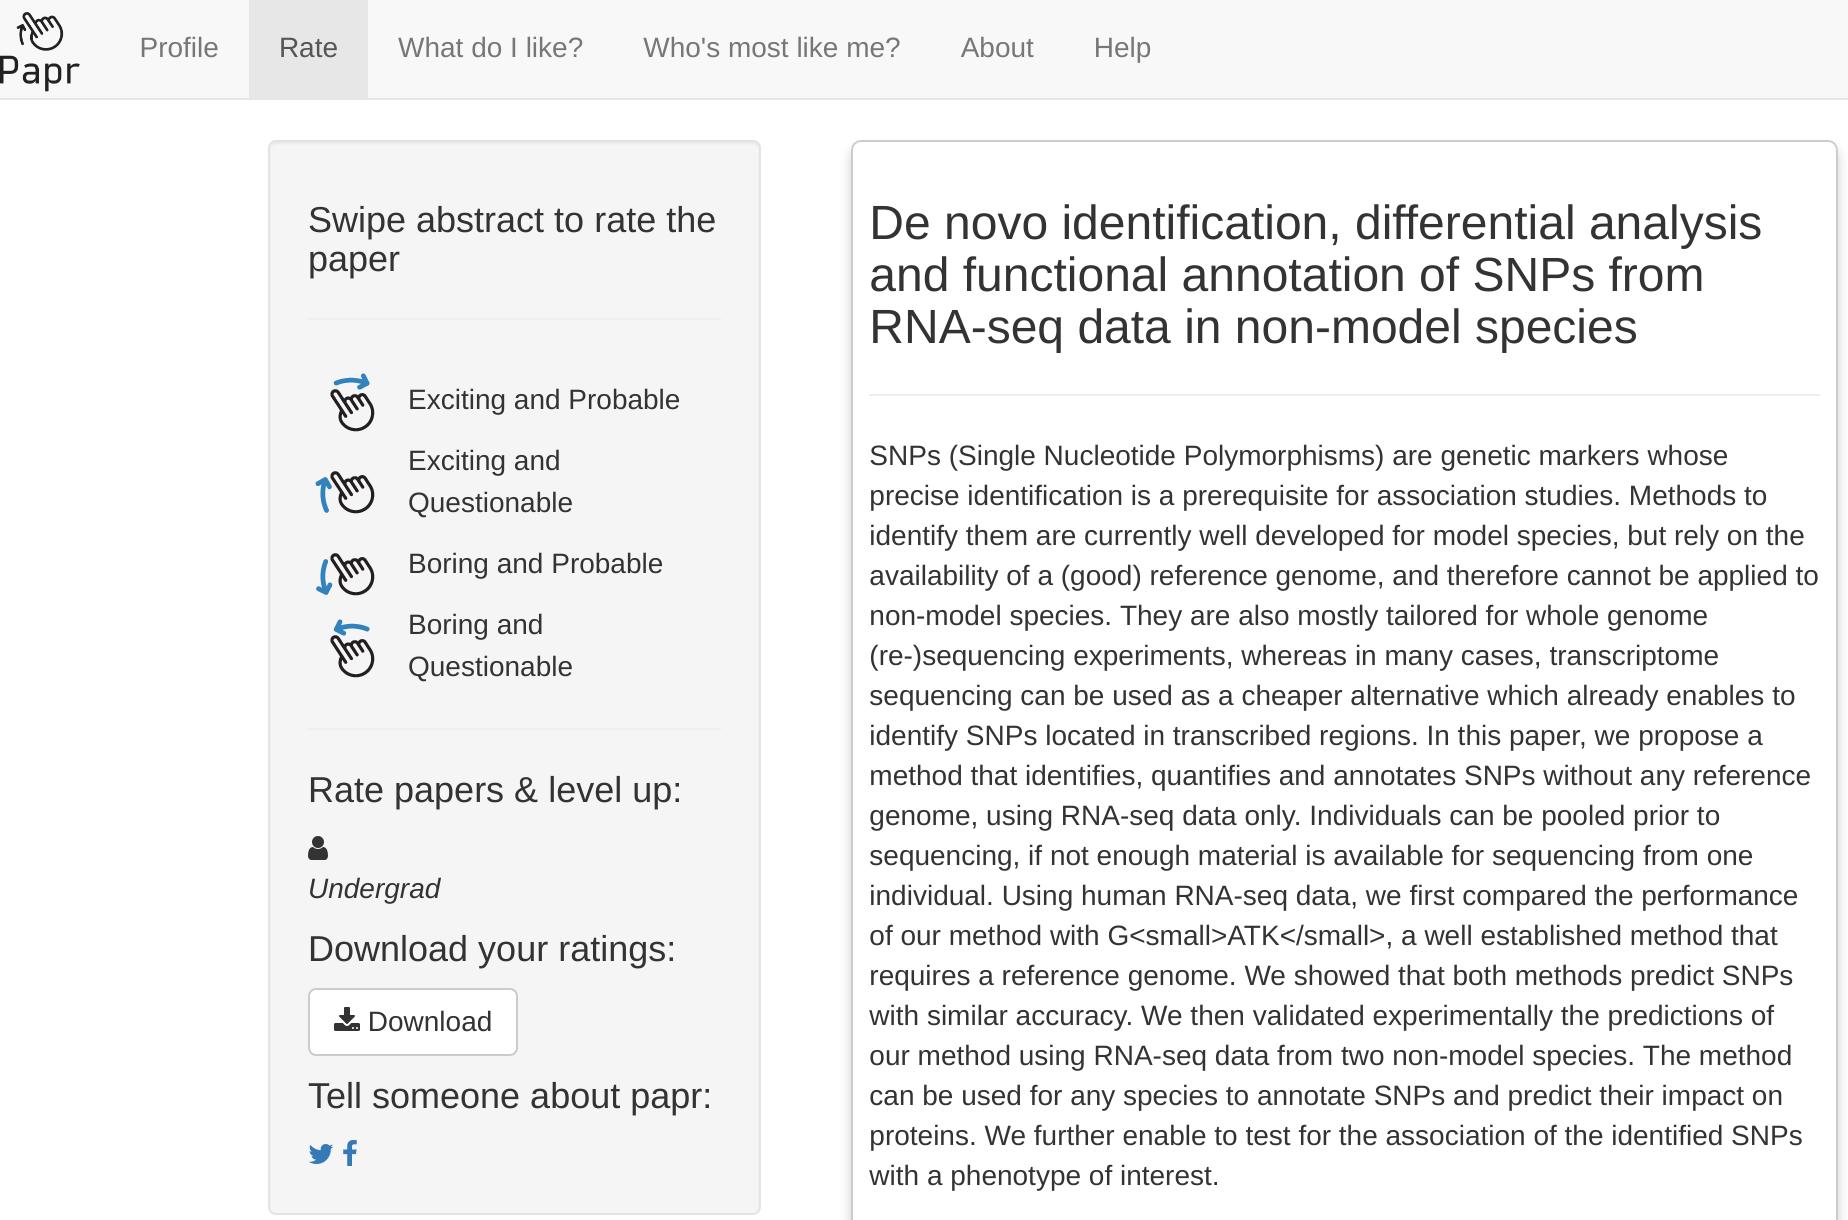 Интерфейс веб-приложения Papr. Поскольку оценивать работы нужно свайпом, удобнее использовать мобильную версию.